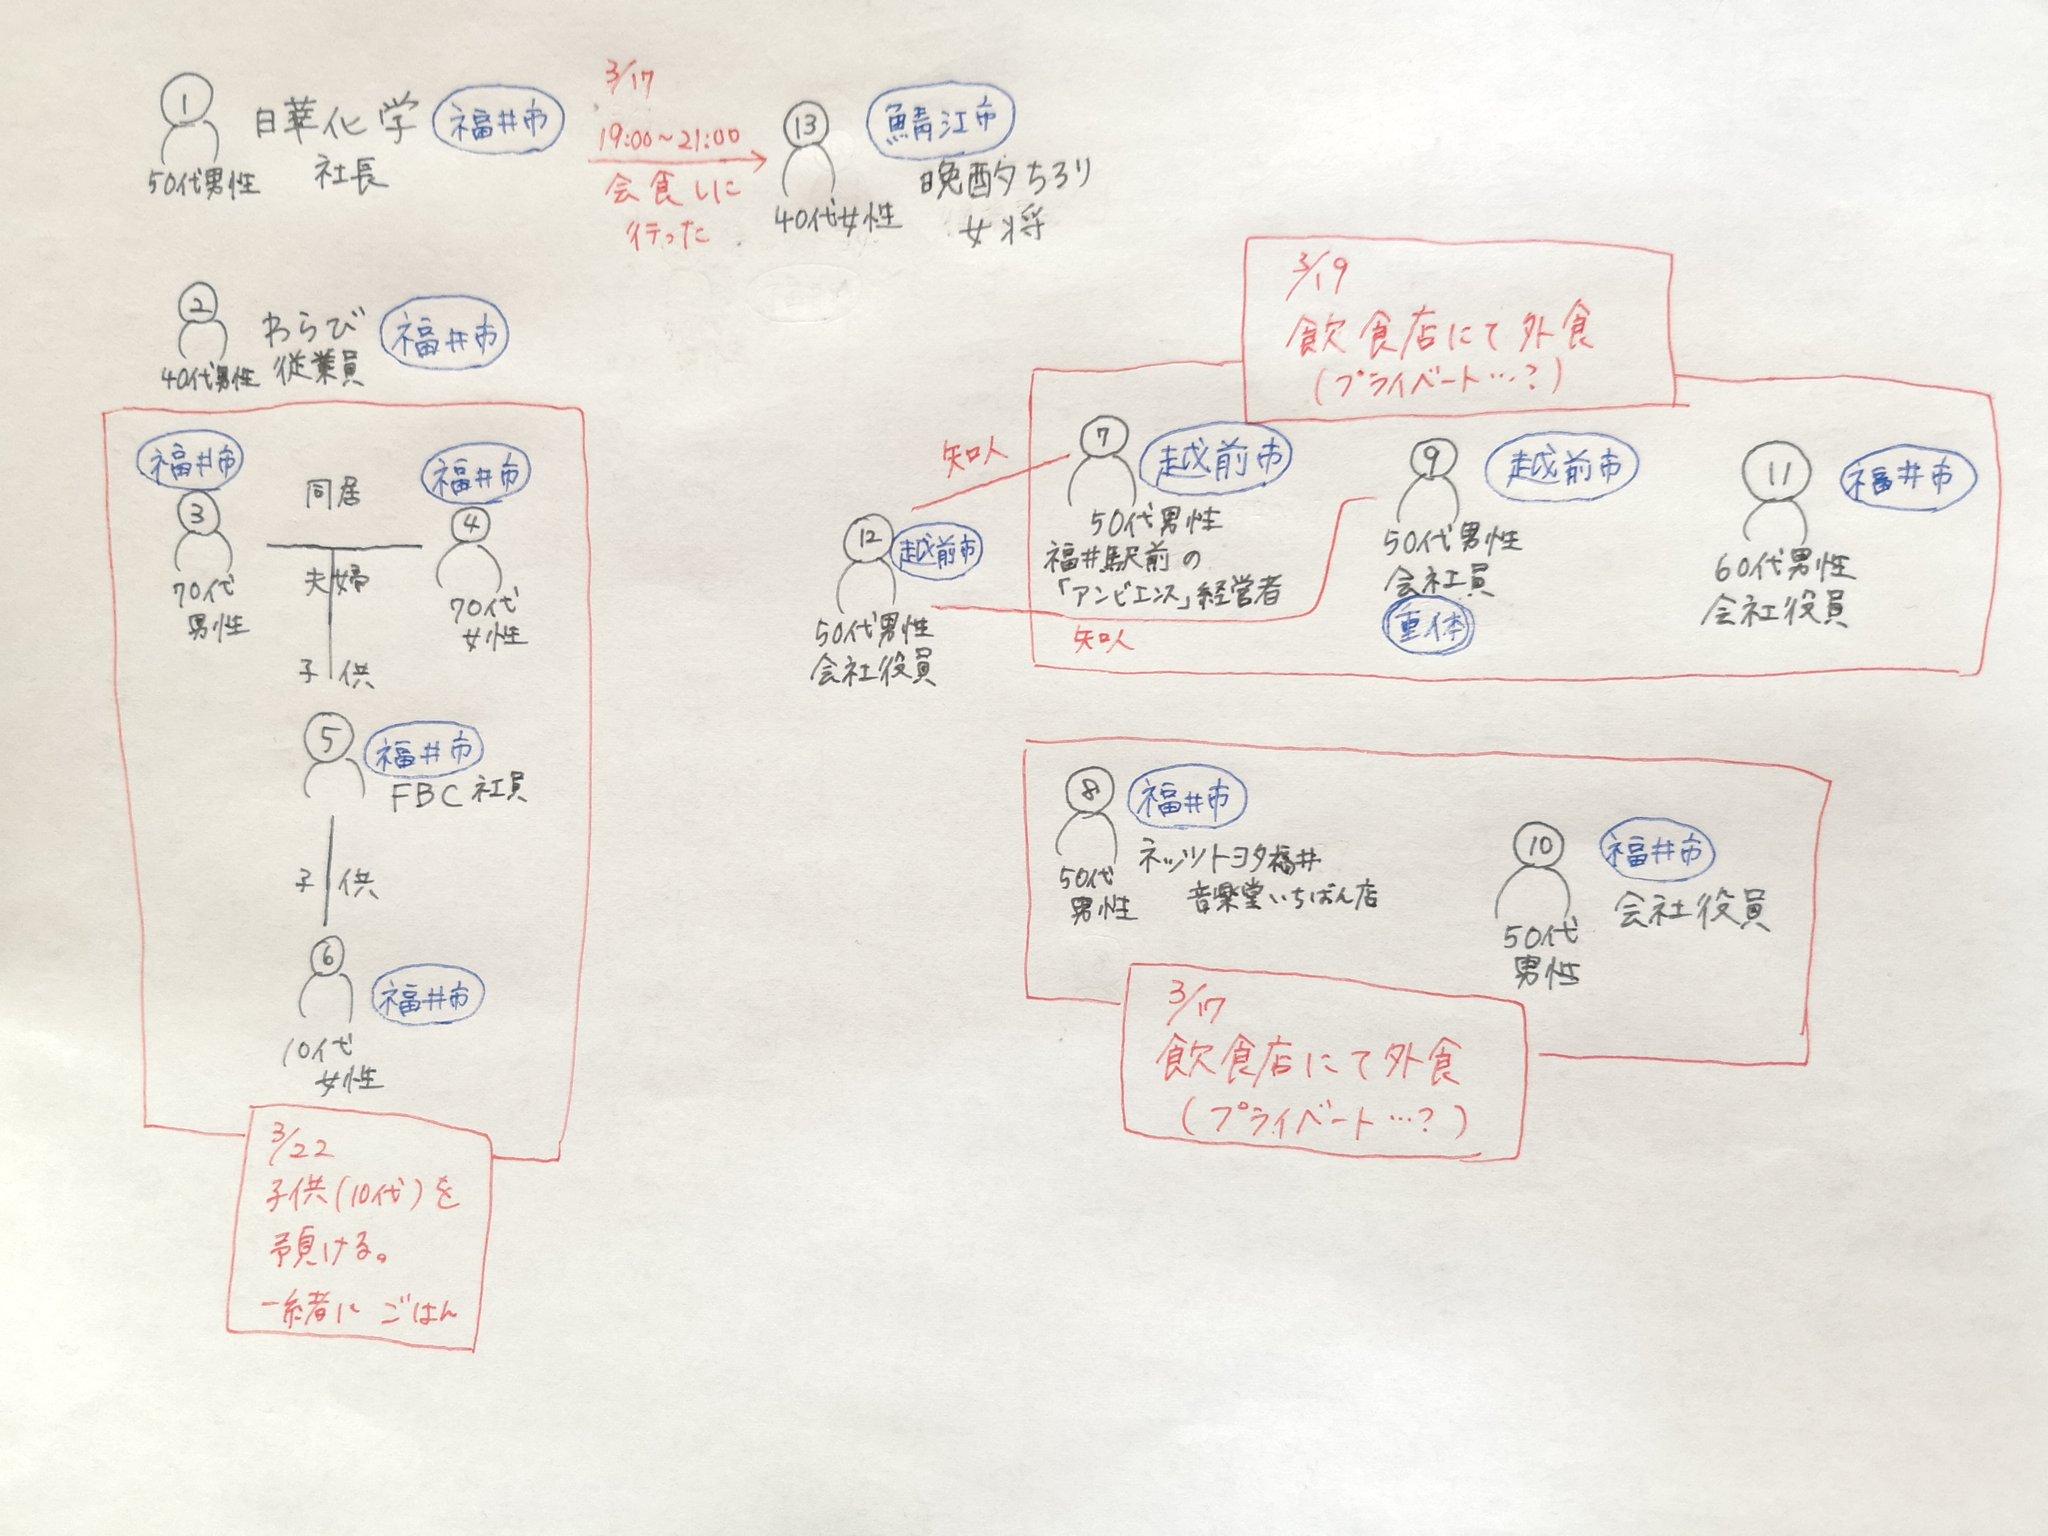 者 ウイルス 図 コロナ 相関 県 福井 感染